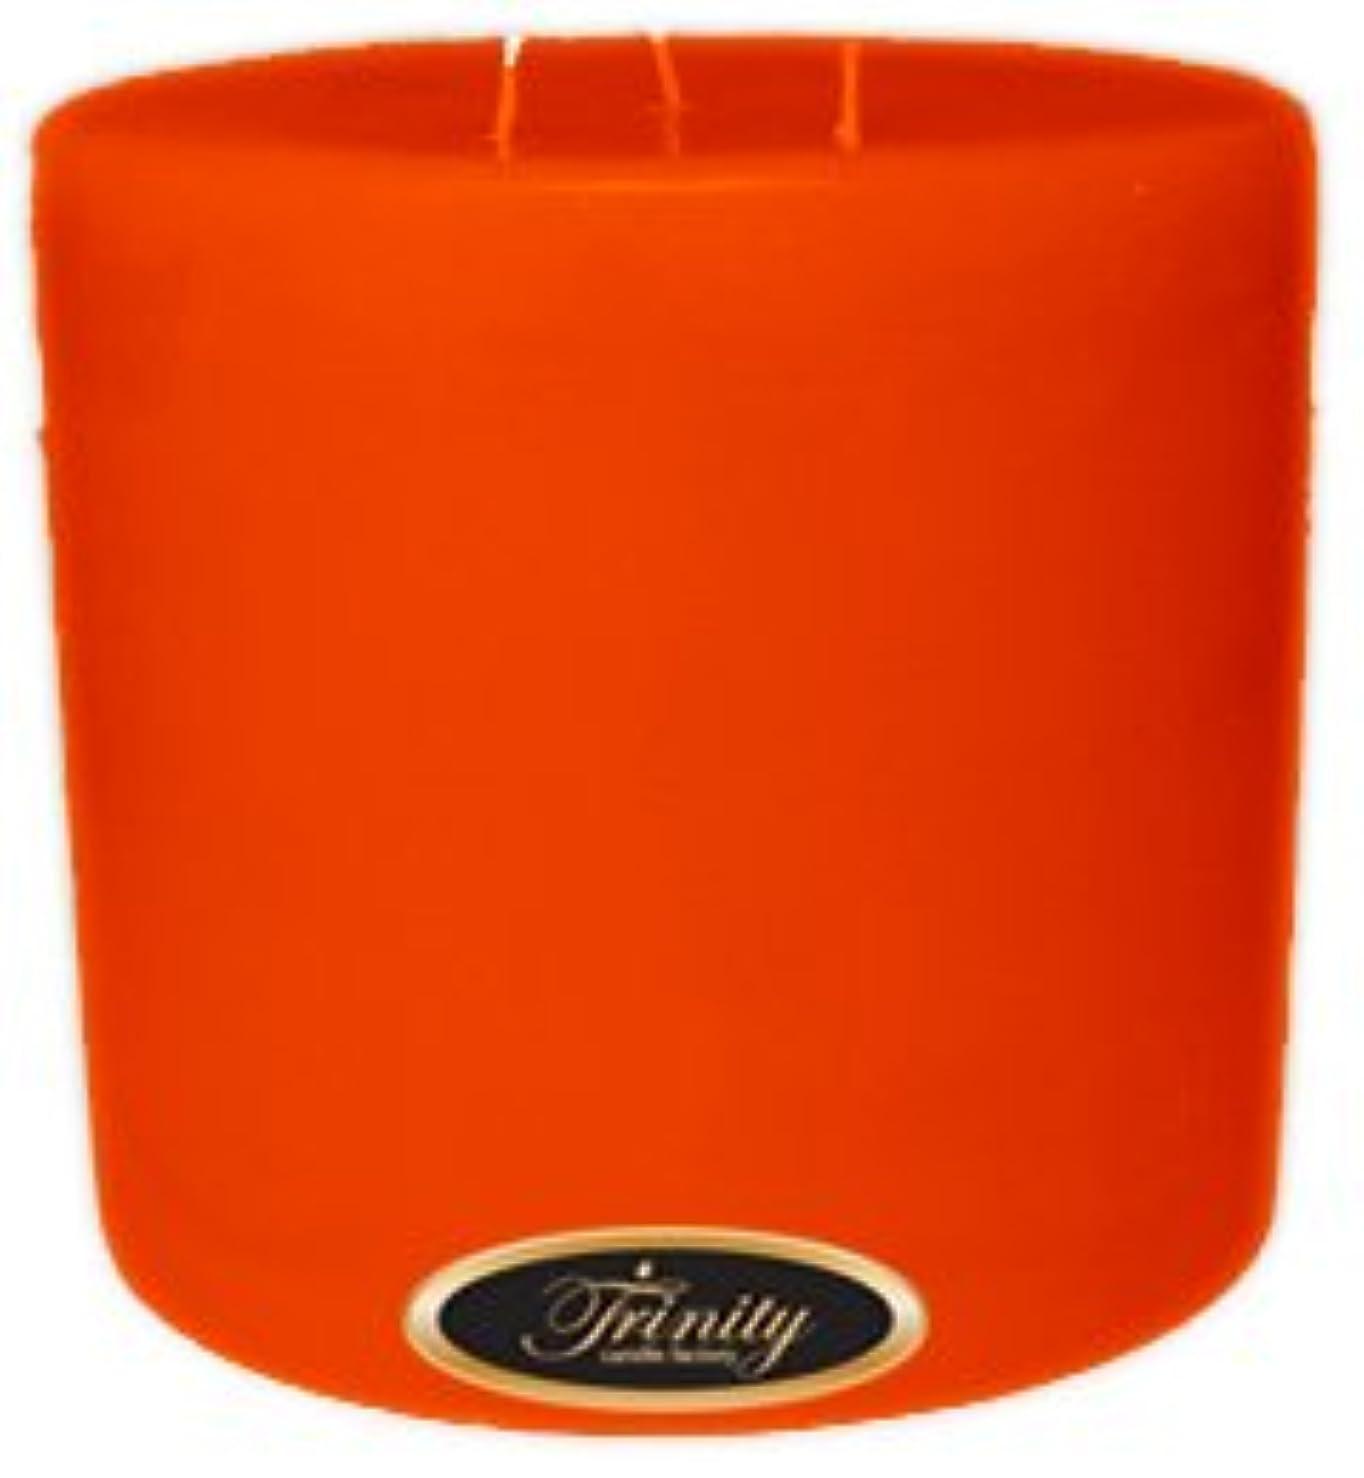 表向き残高優先権Trinity Candle工場 – スイカズラ – Pillar Candle – 6 x 6